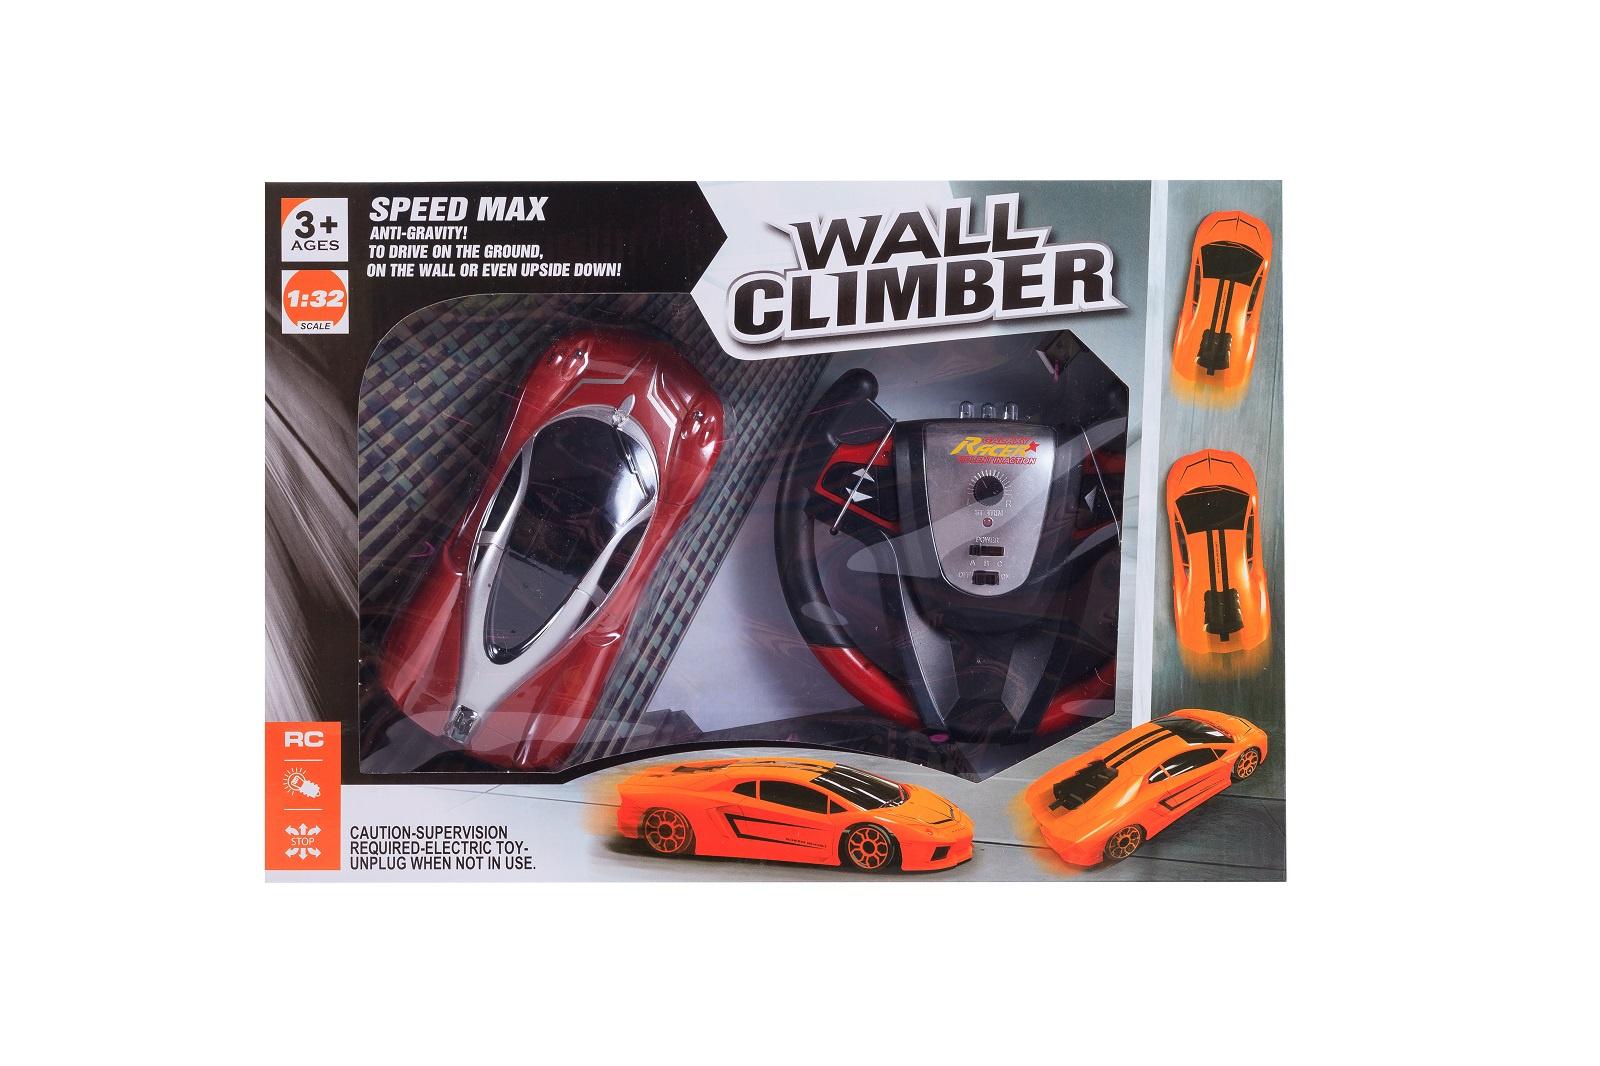 Машинка радиоуправляемая S+S Toys Wall Climber, 100992829, красный автомобиль на радиоуправлении s s toys 101036658 на батарейках белый